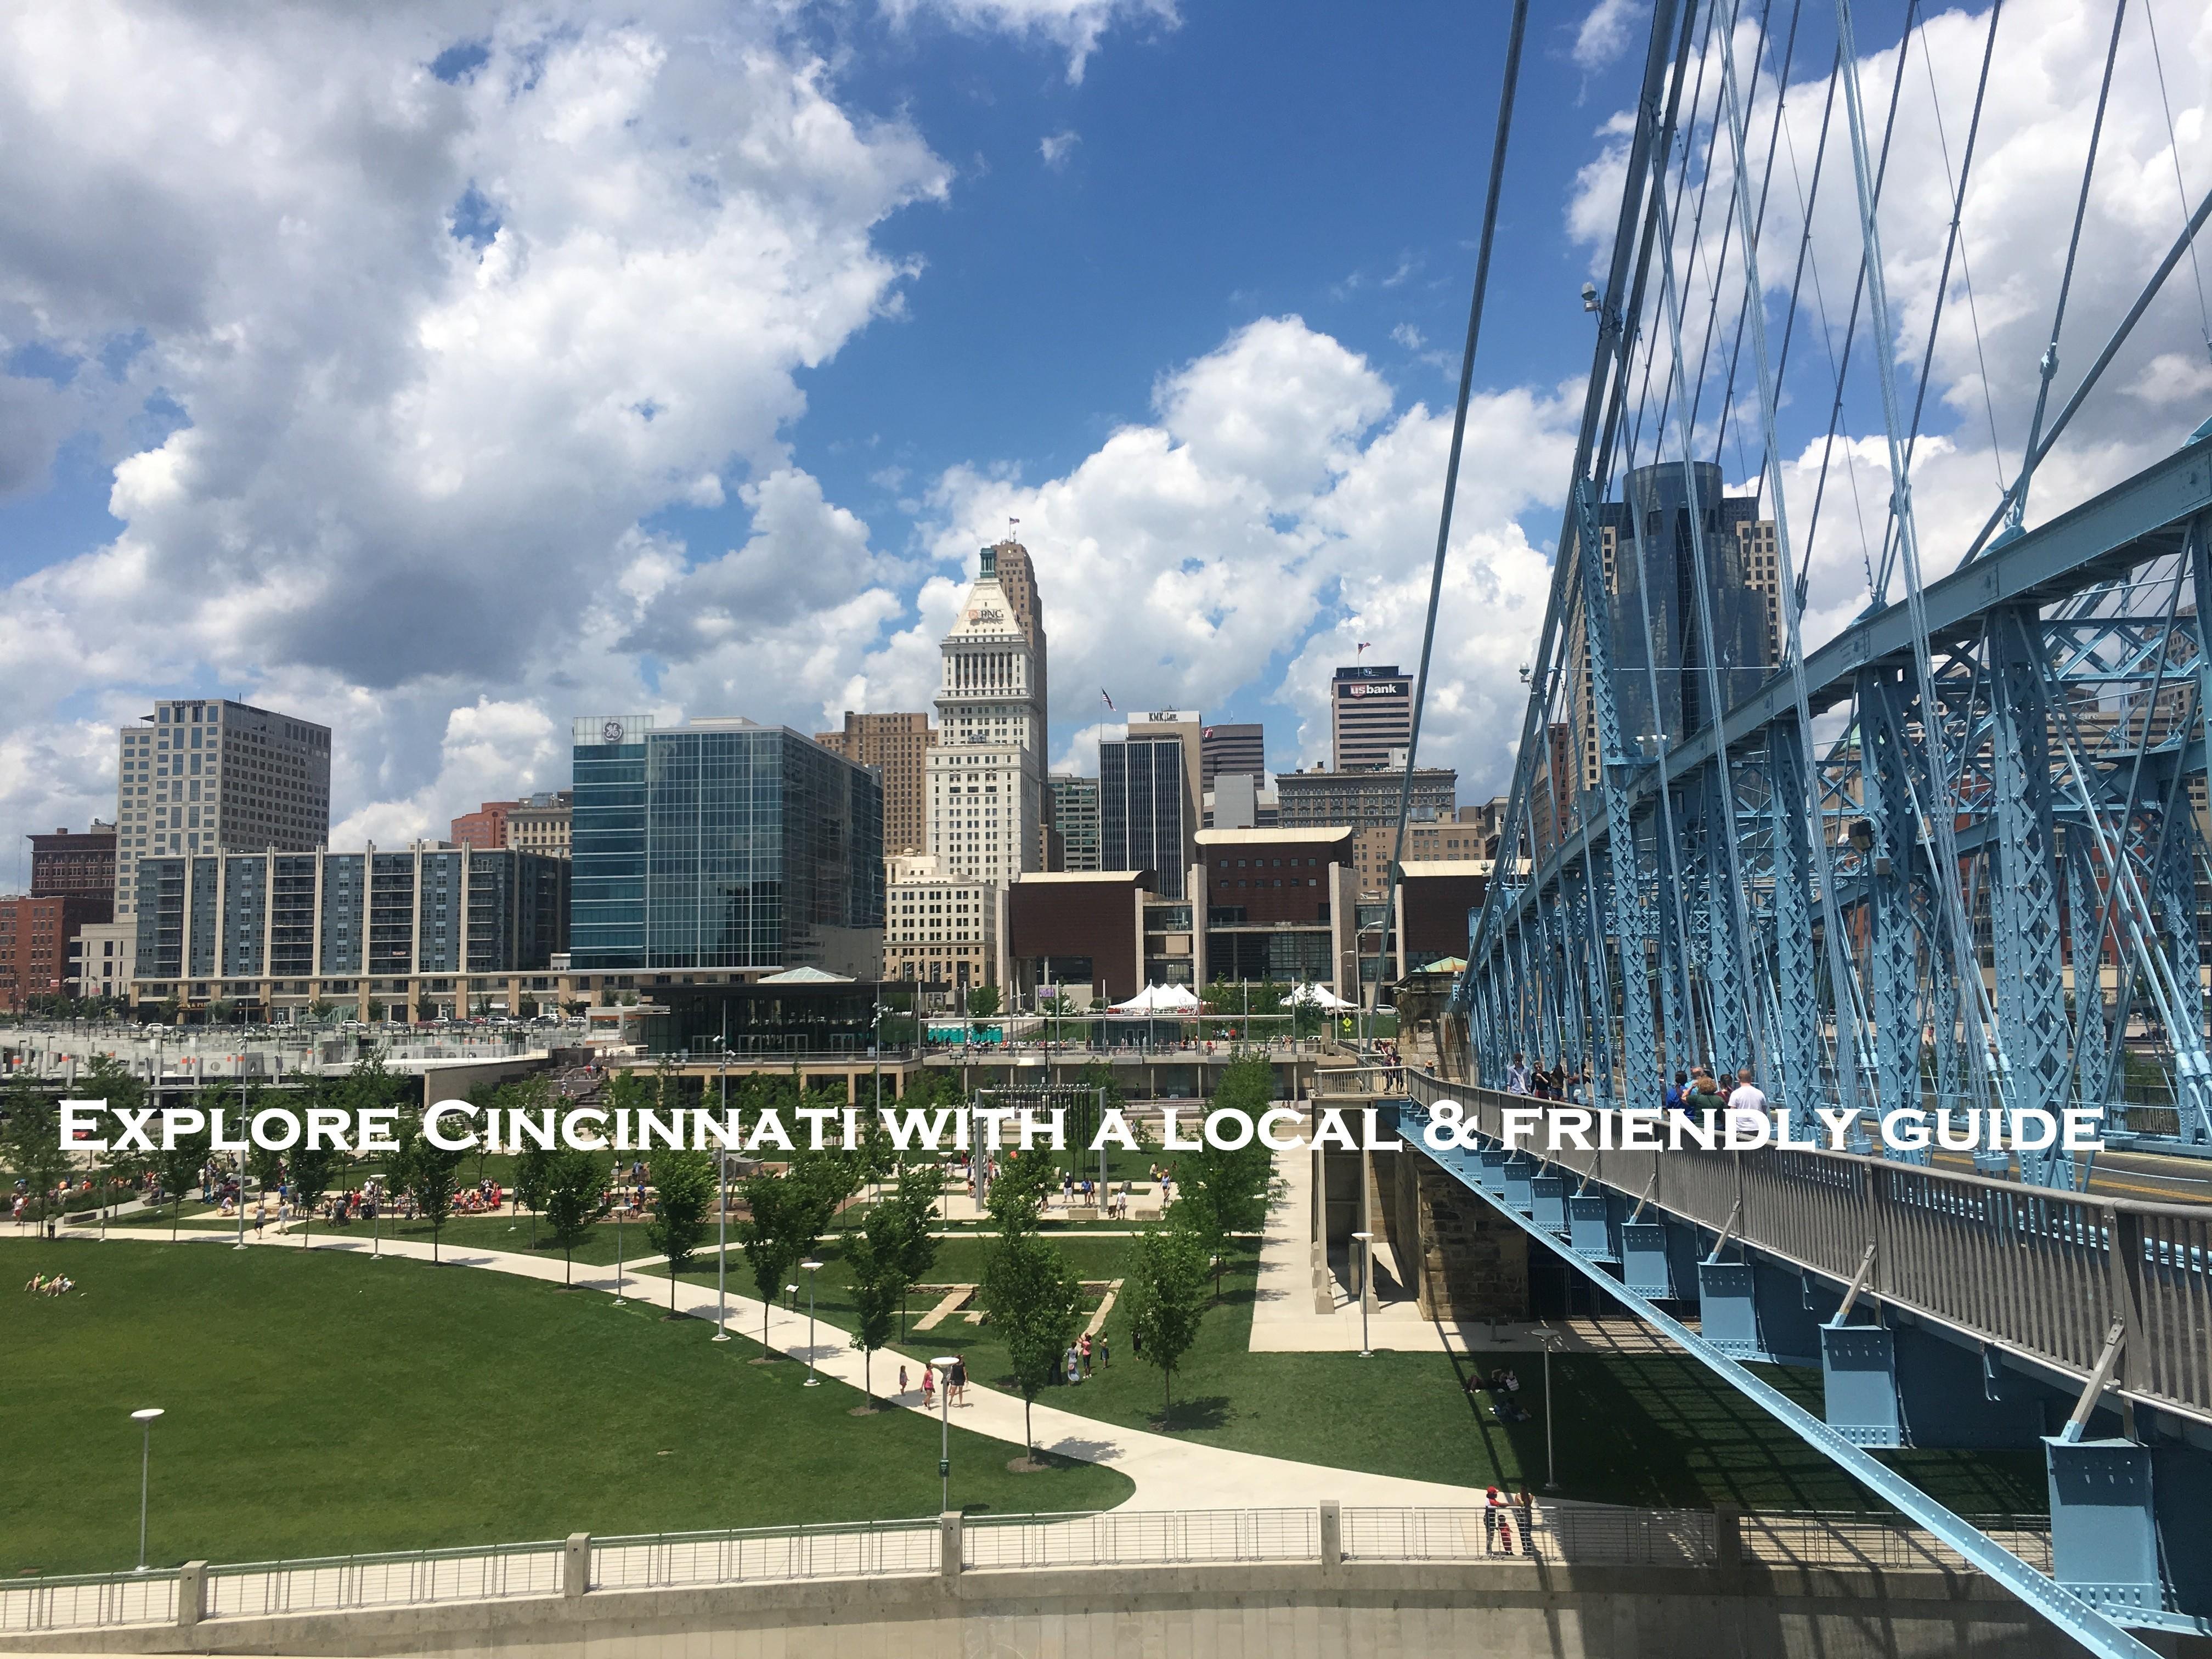 Cincinnati tourism coupons